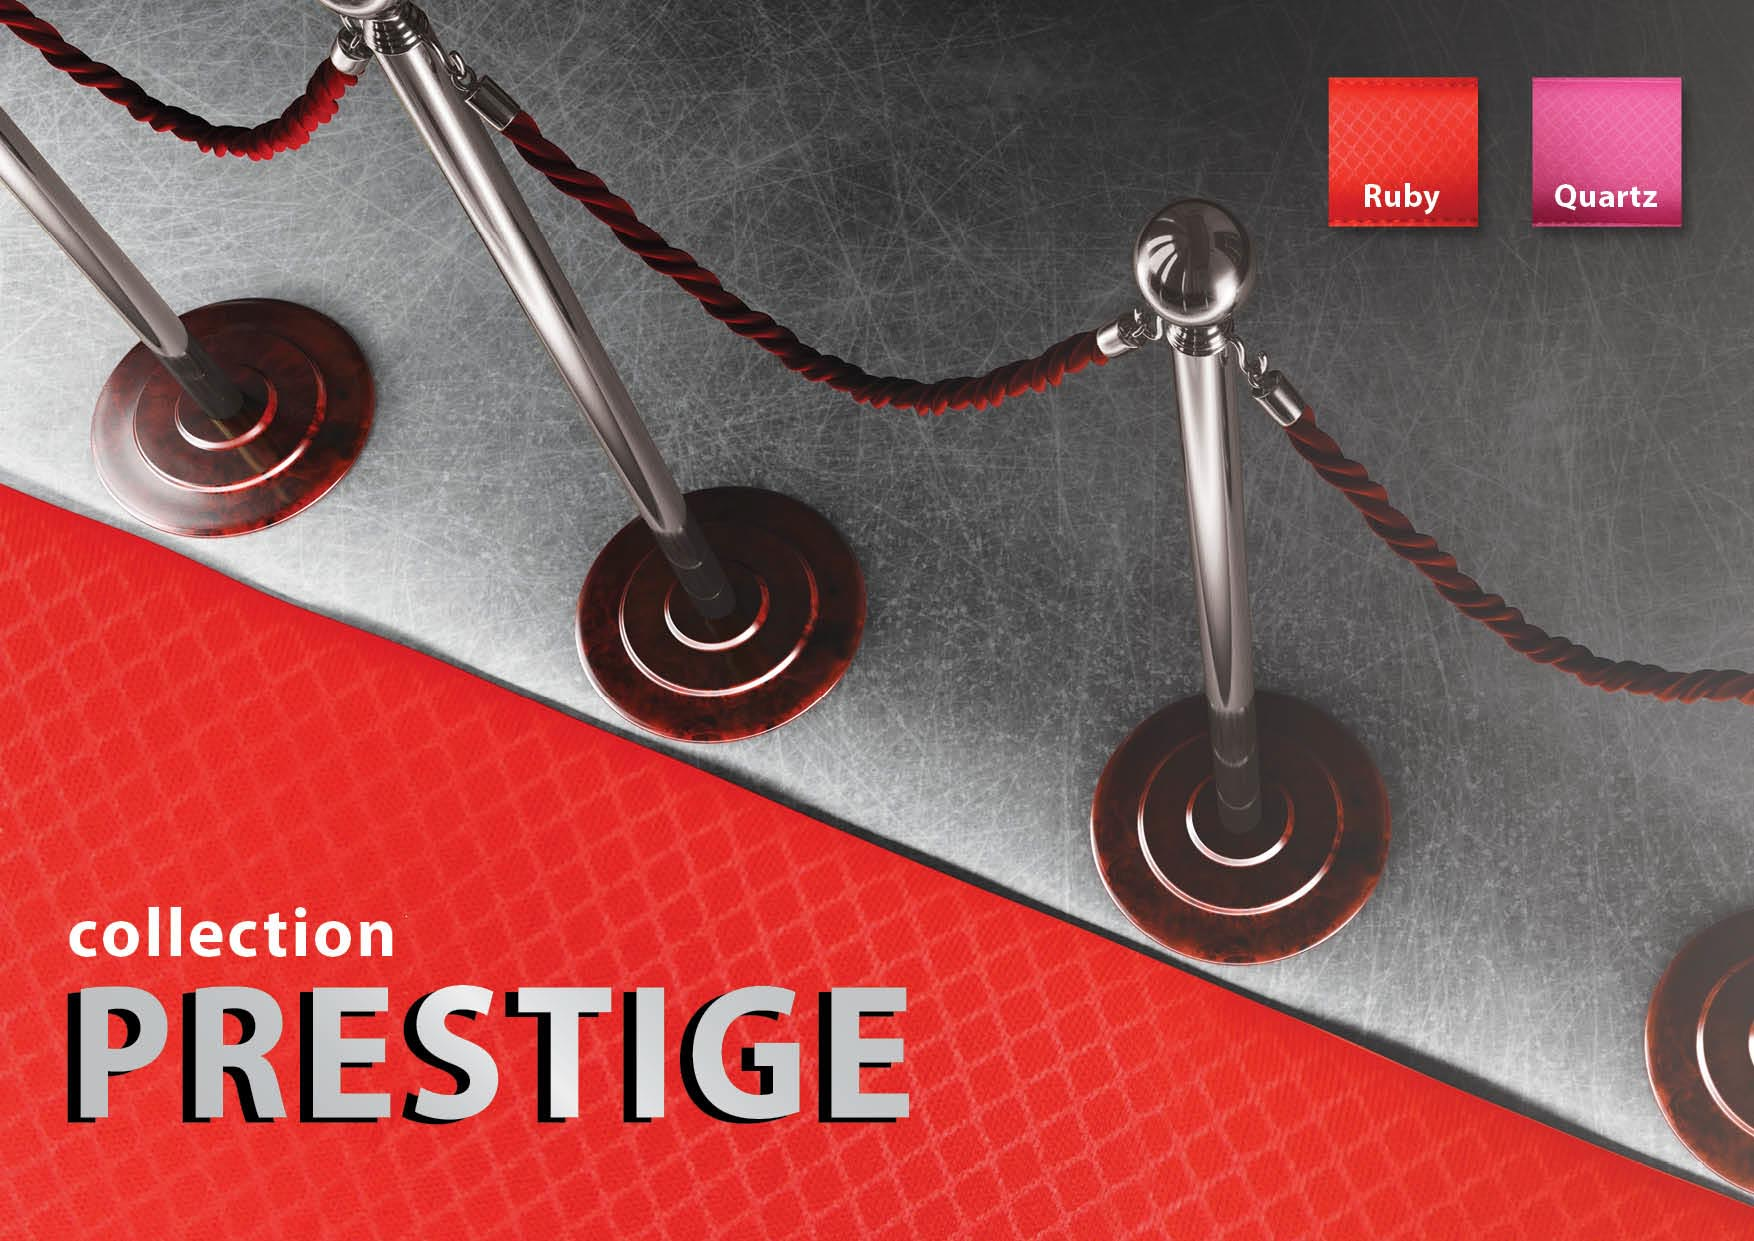 Nania Prestige